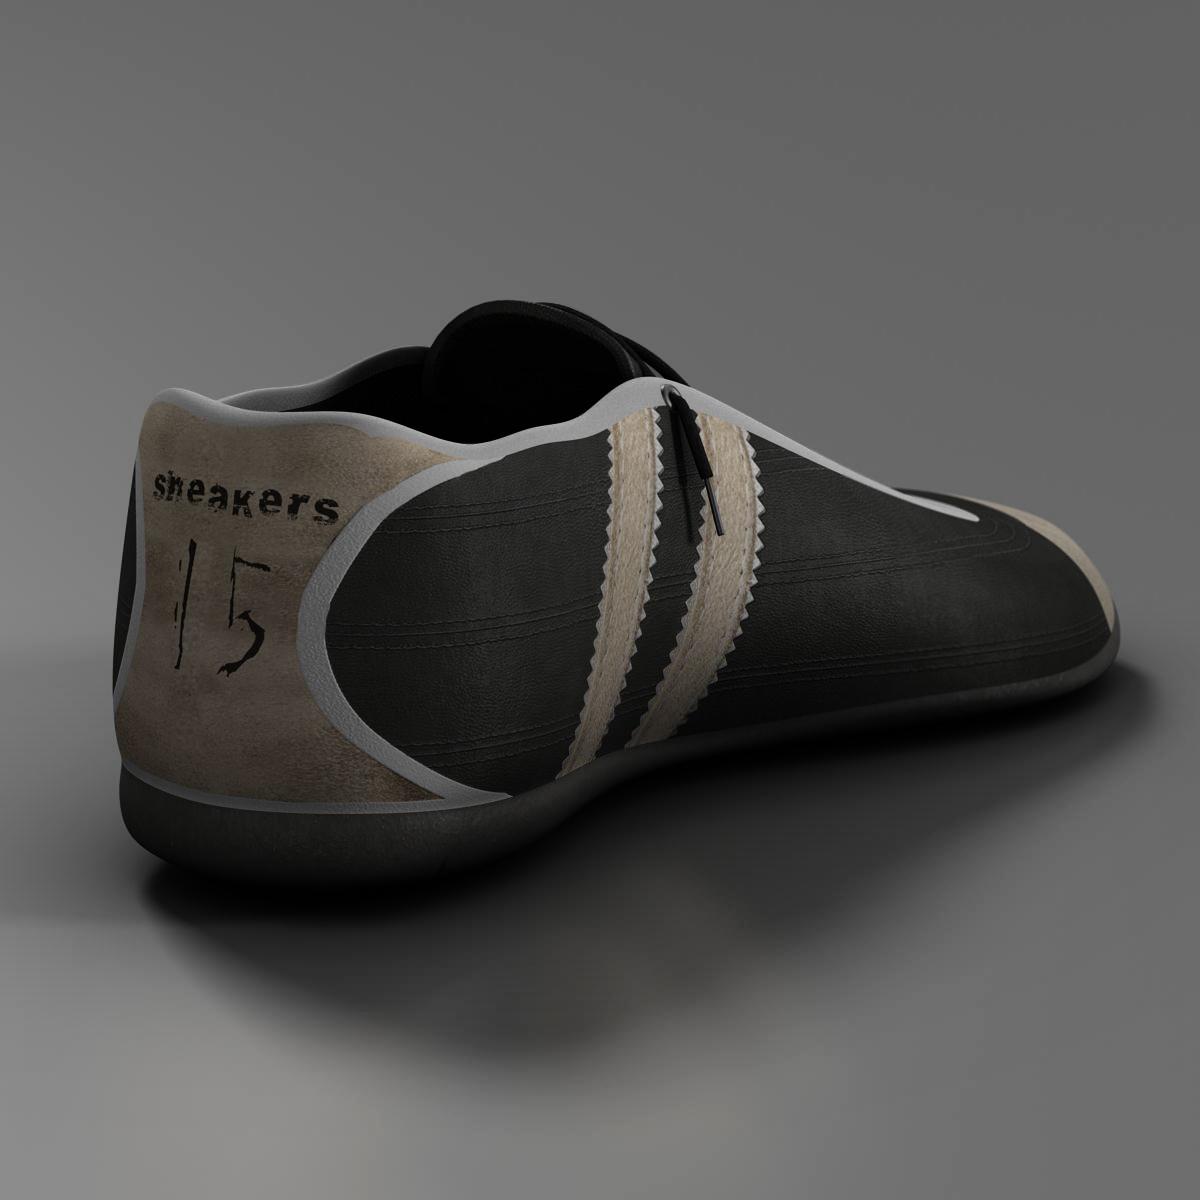 sneakers 3d model 3ds max fbx c4d ma mb obj 160389